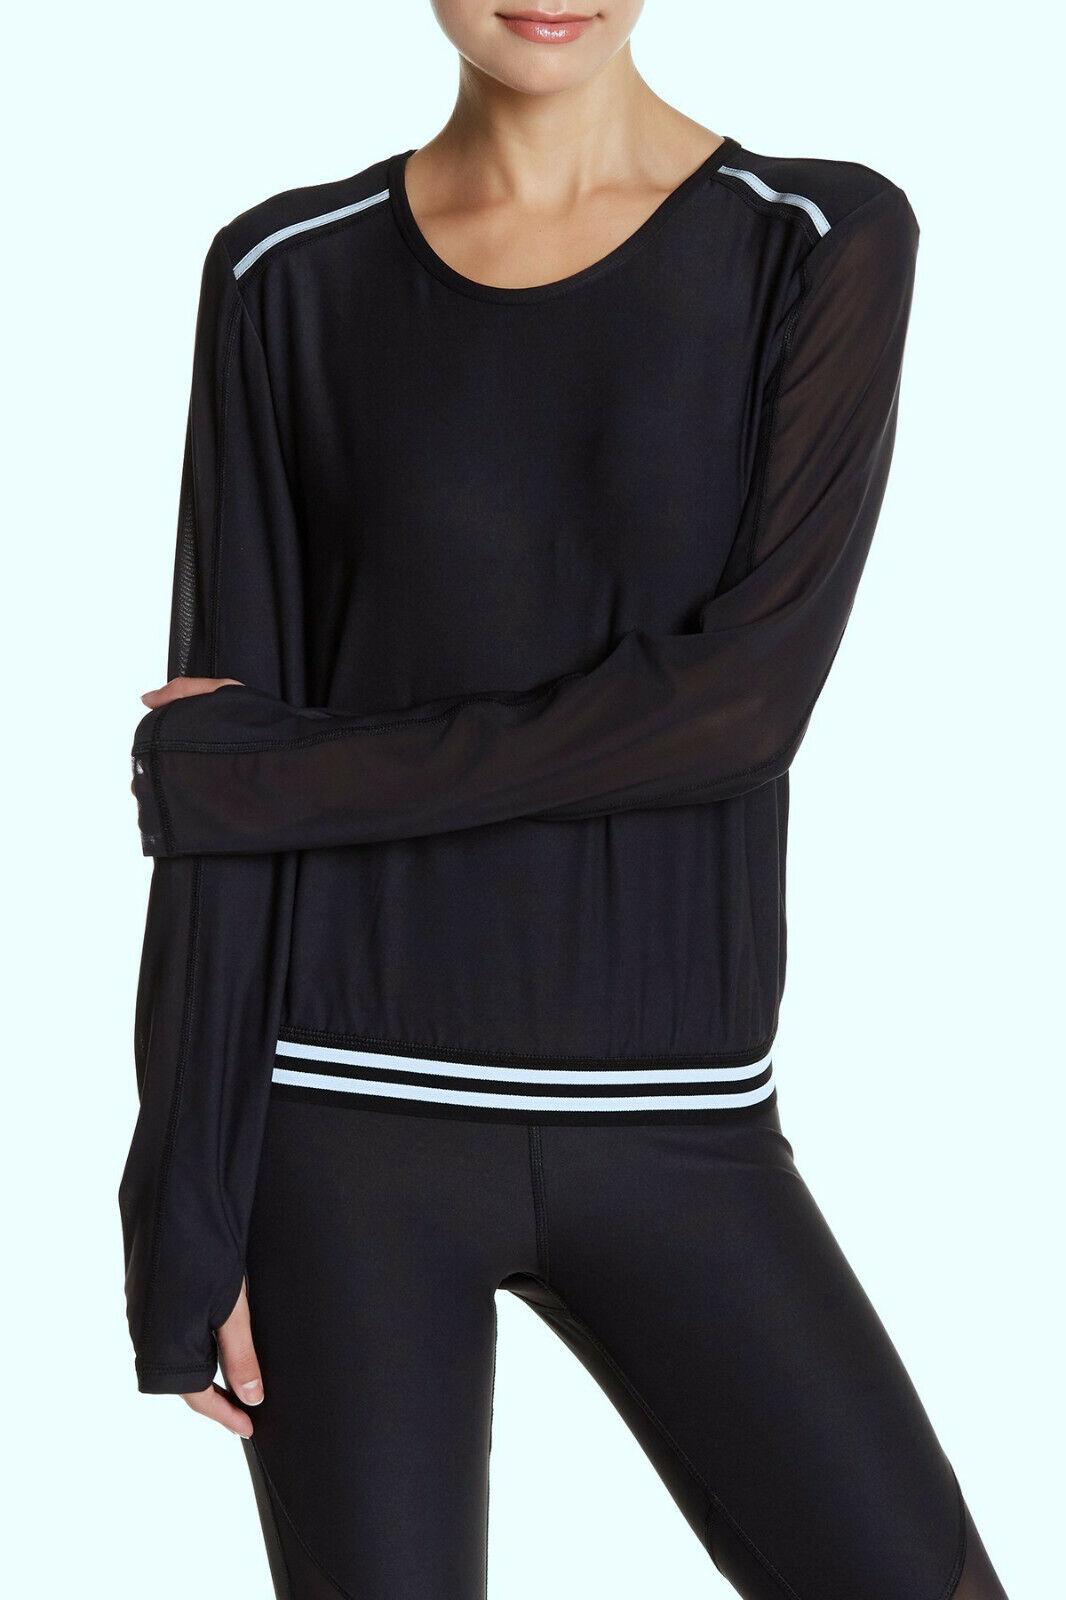 Mujeres Malla Entrenamiento Deporte Fitness Yoga Gimnasio Correr Atléticos Stretch Camisa Top Sz